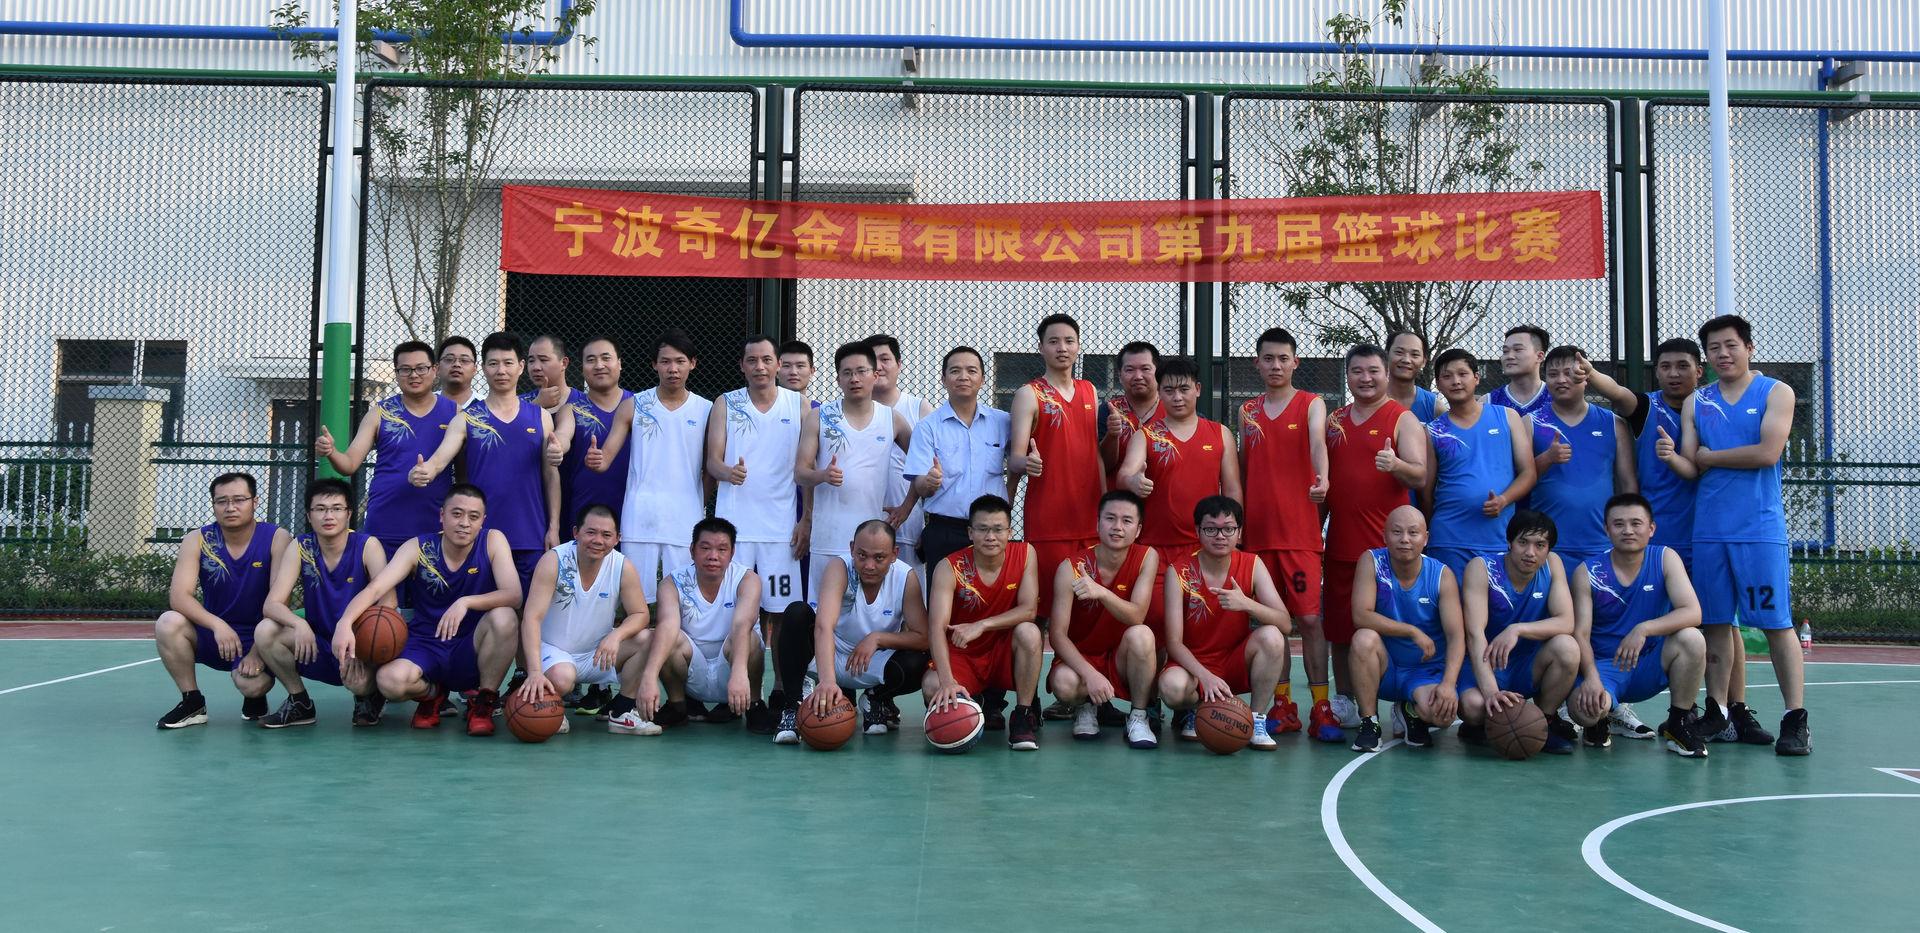 奇亿公司篮球比赛合影.JPG